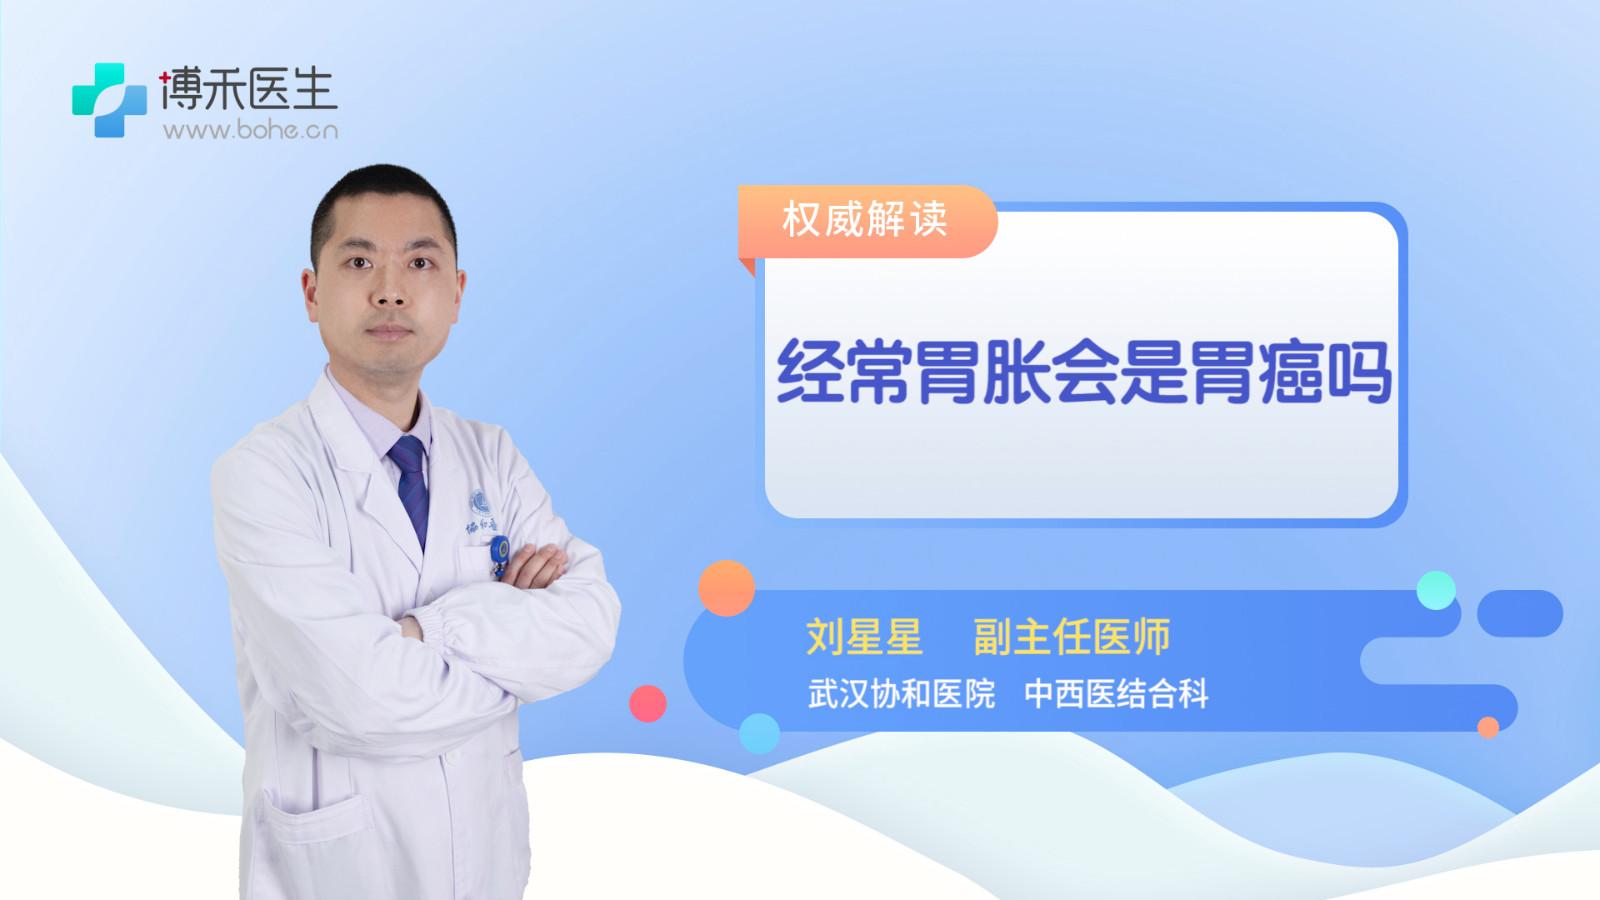 經常胃脹是胃癌嗎